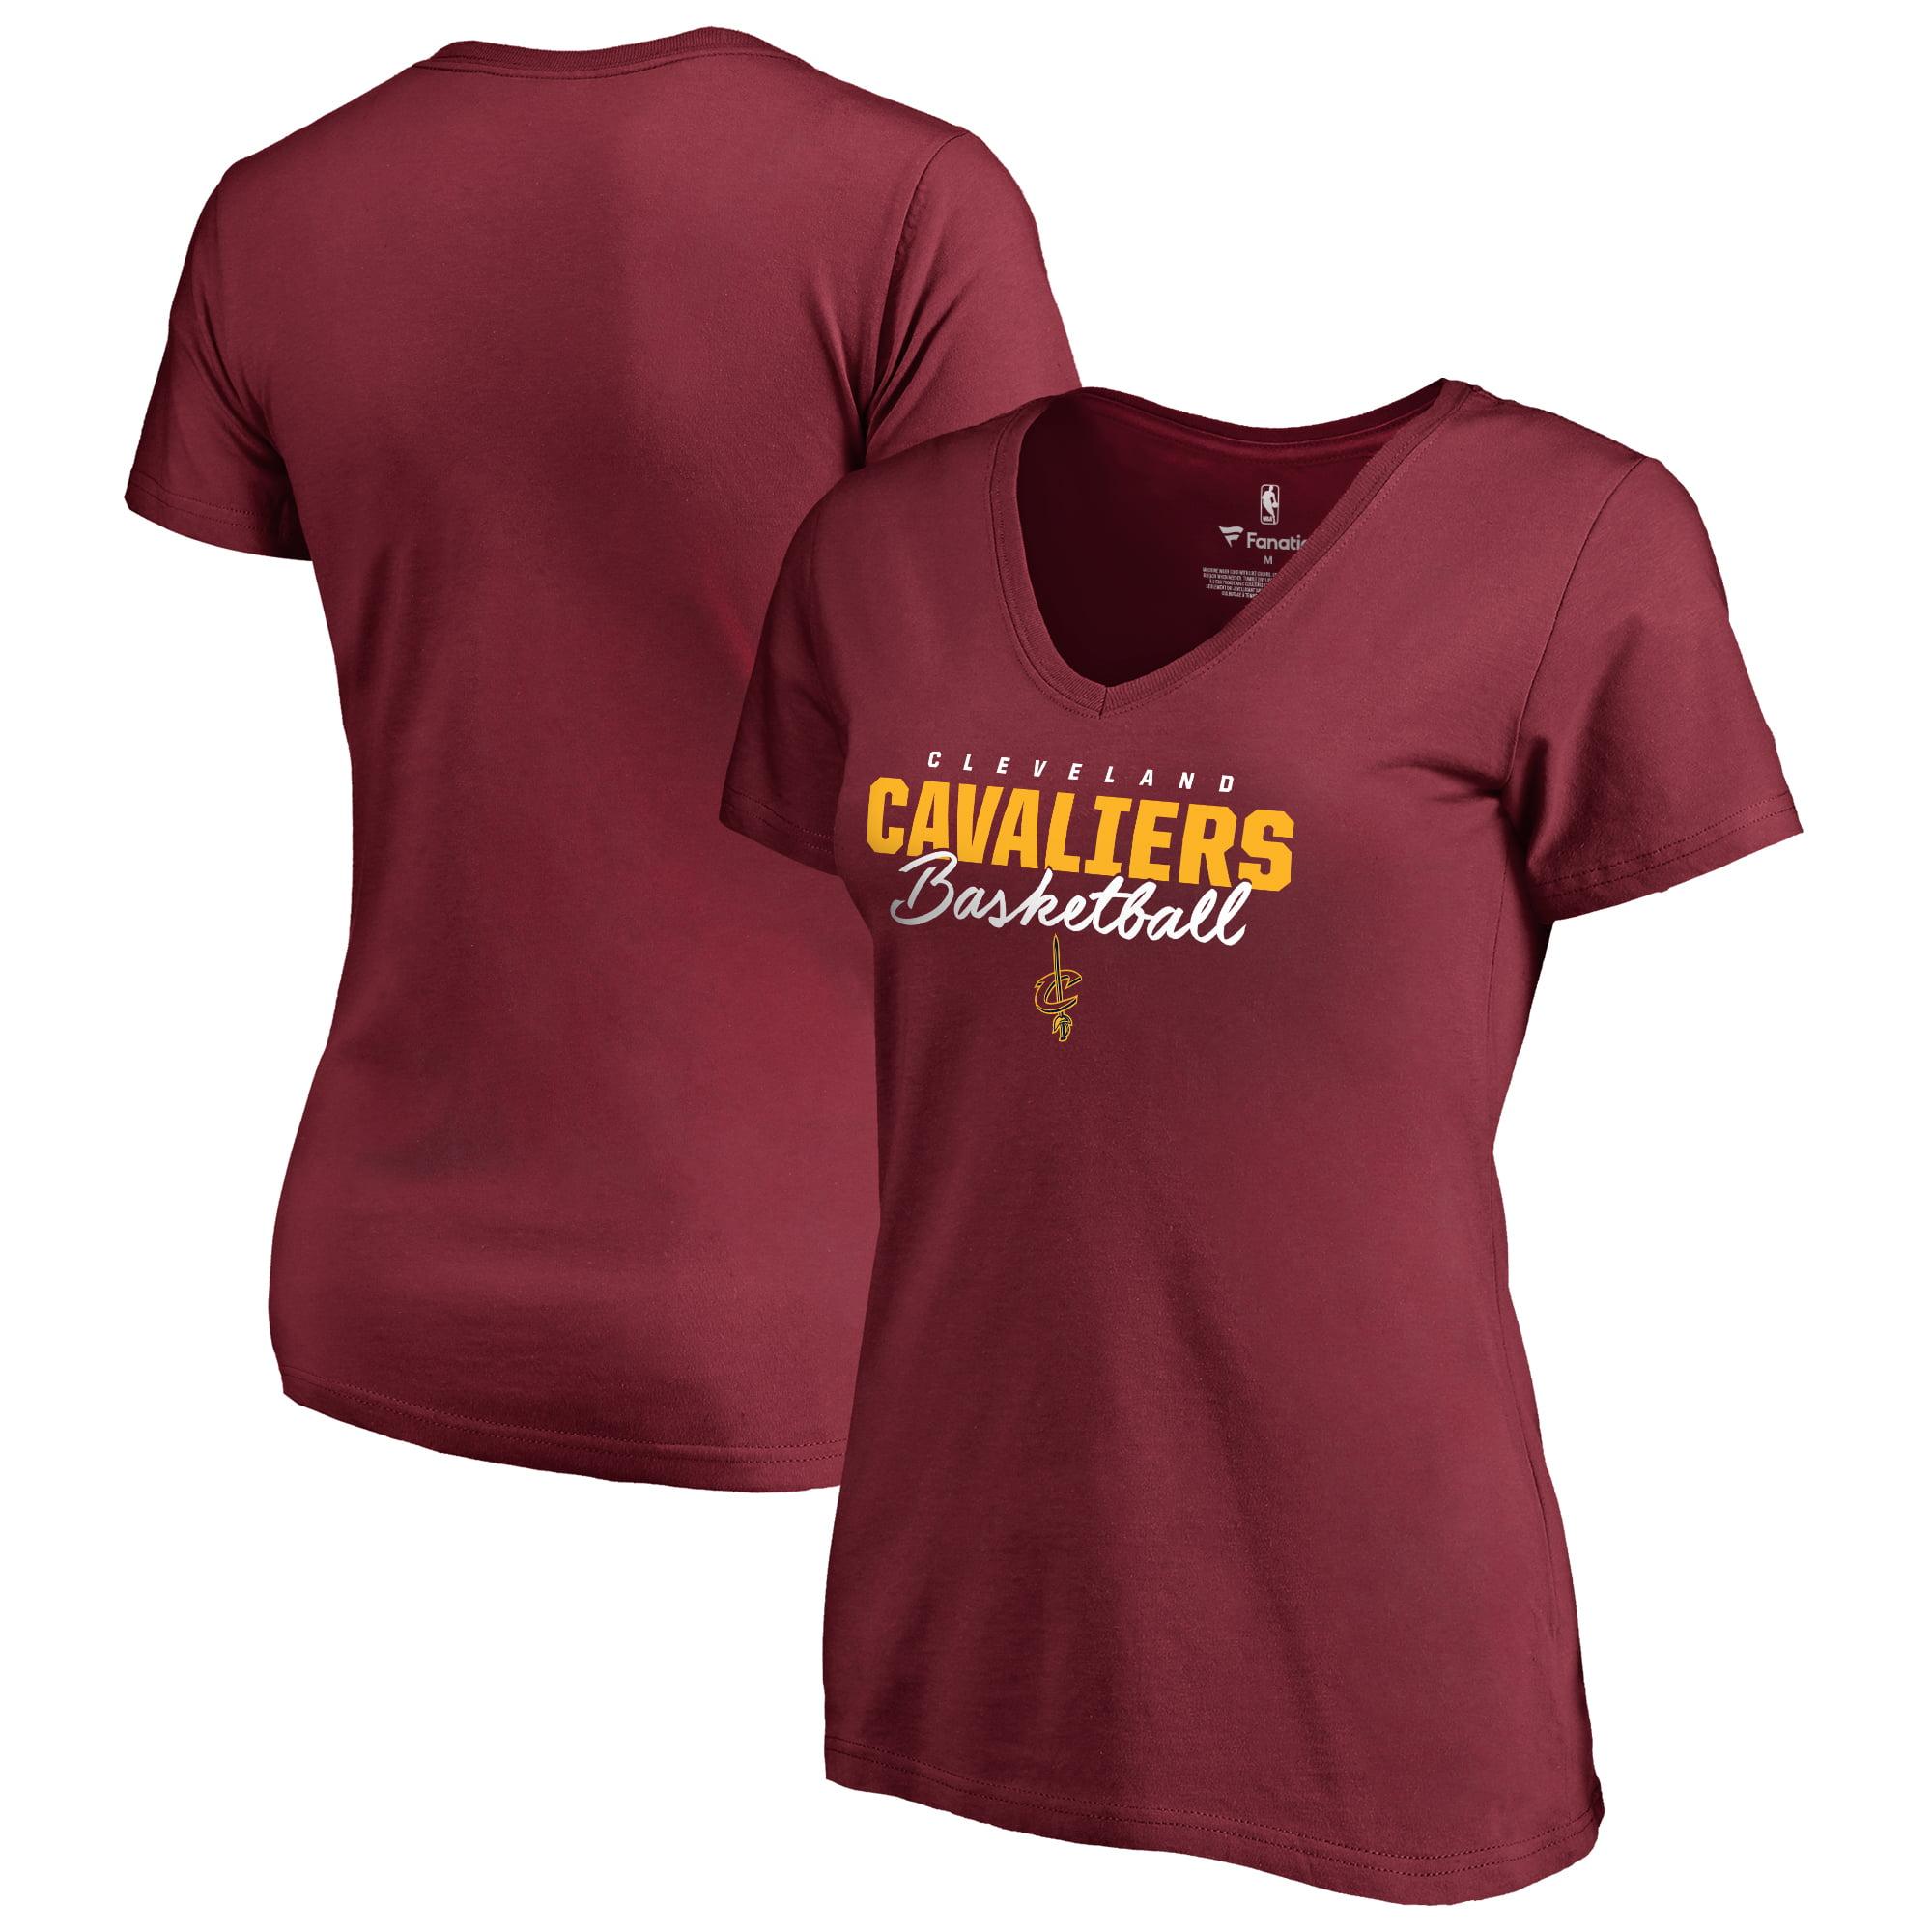 Cleveland Cavaliers Fanatics Branded Women's Script Assist Plus Size T-Shirt - Wine